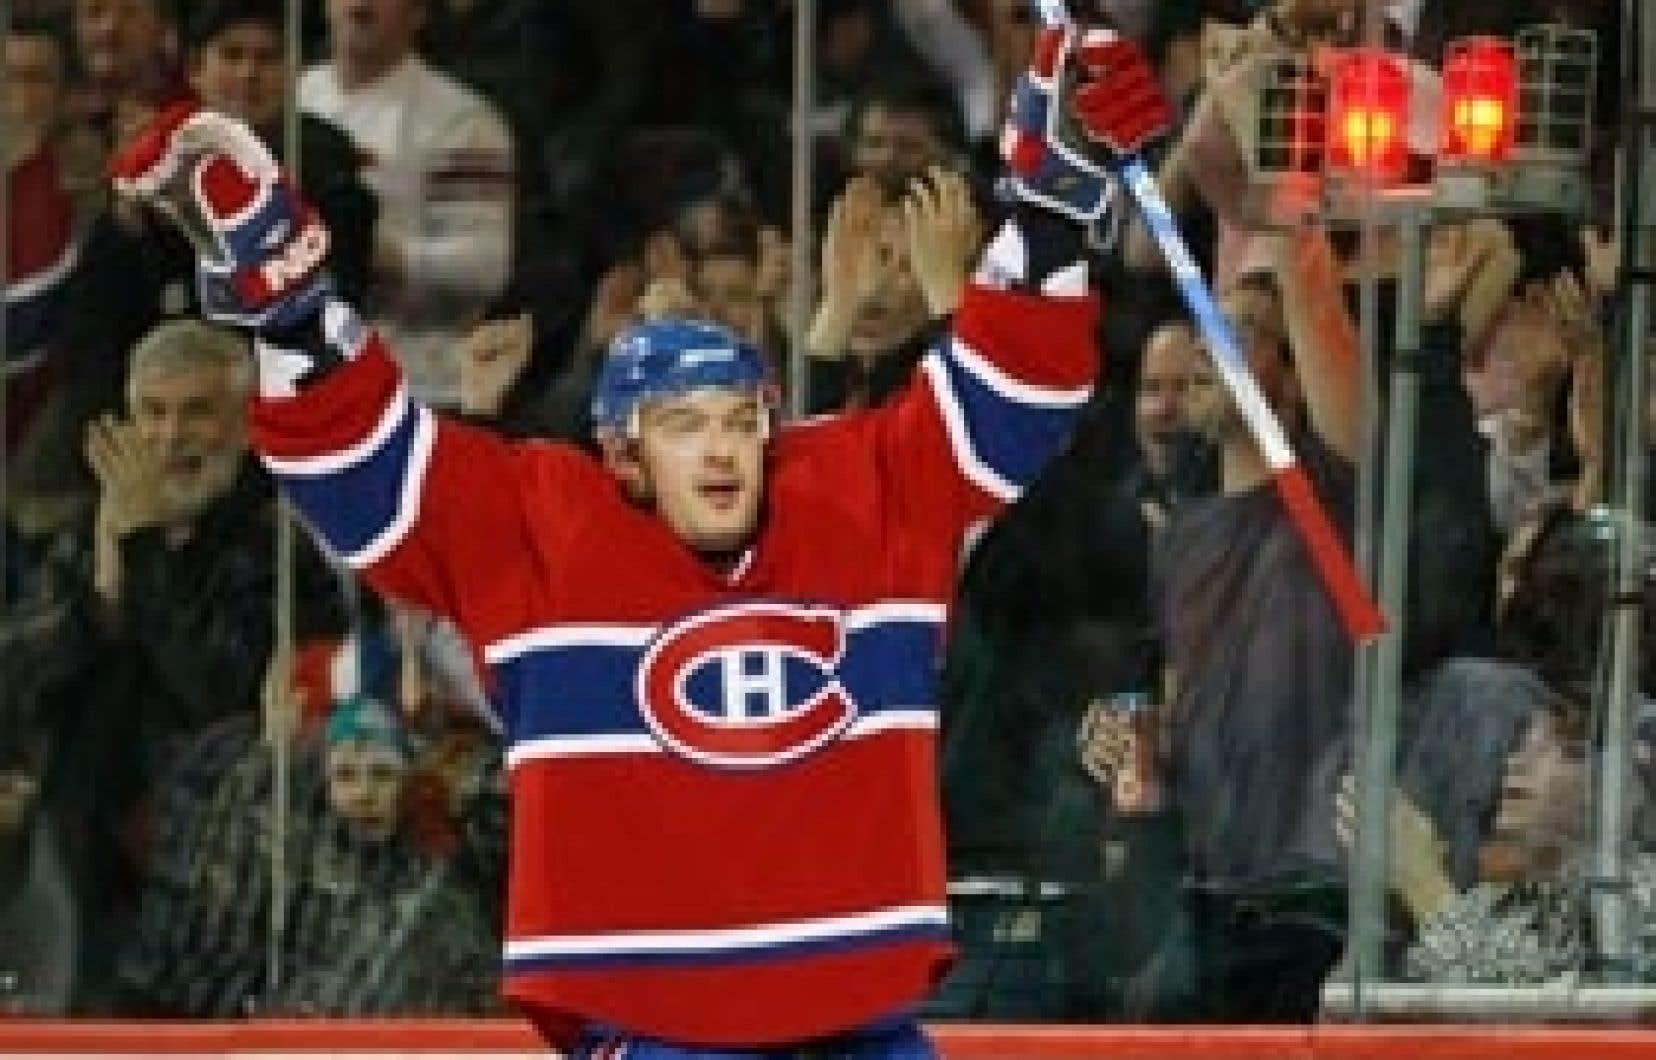 Andrei Markov sera sans doute absent pour le début de la série entre le Canadien et les Bruins, jeudi. Hier, Bob Gainey a toutefois laissé planer un doute sur un éventuel retour au jeu de son défenseur étoile.